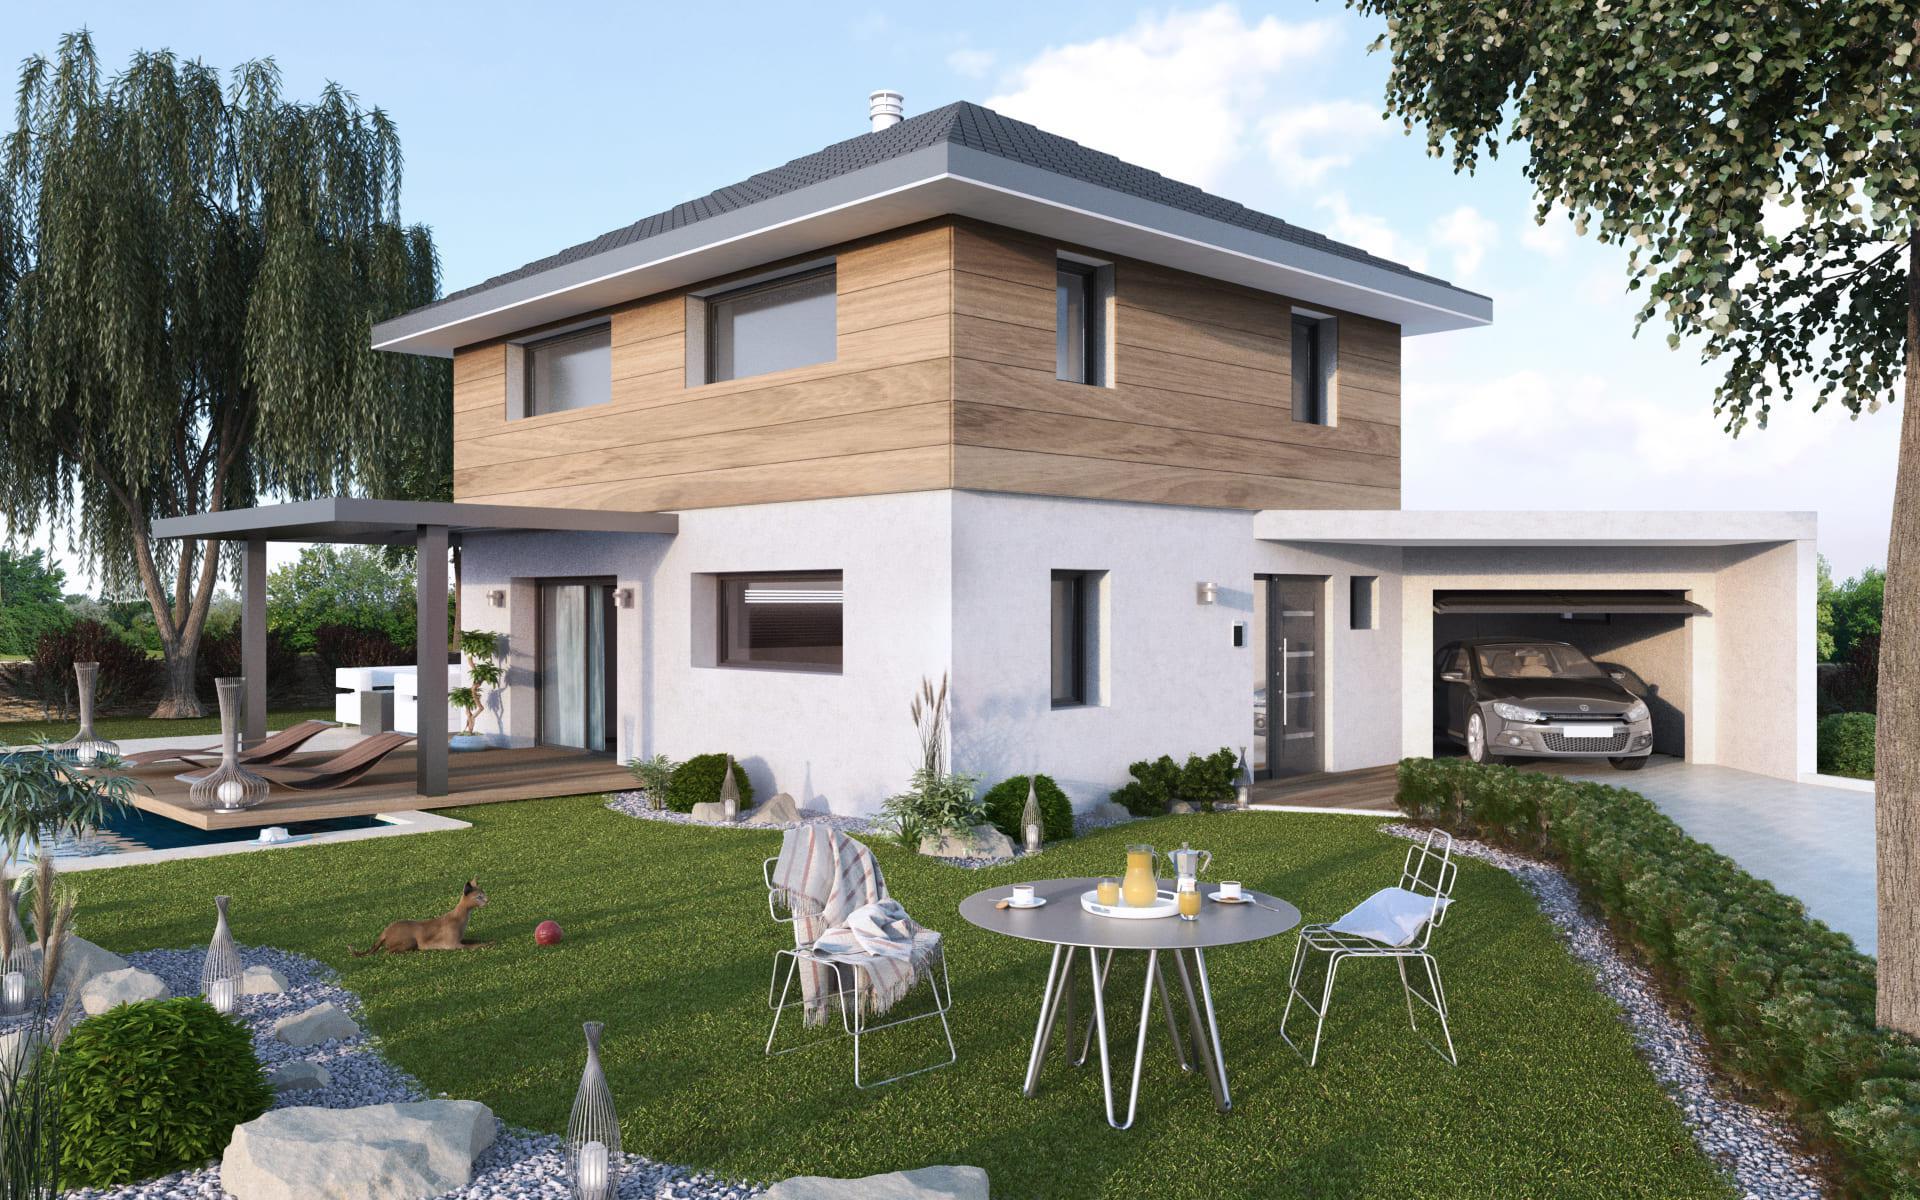 Constructeur maison ecologique savoie for Constructeur maison ecologique